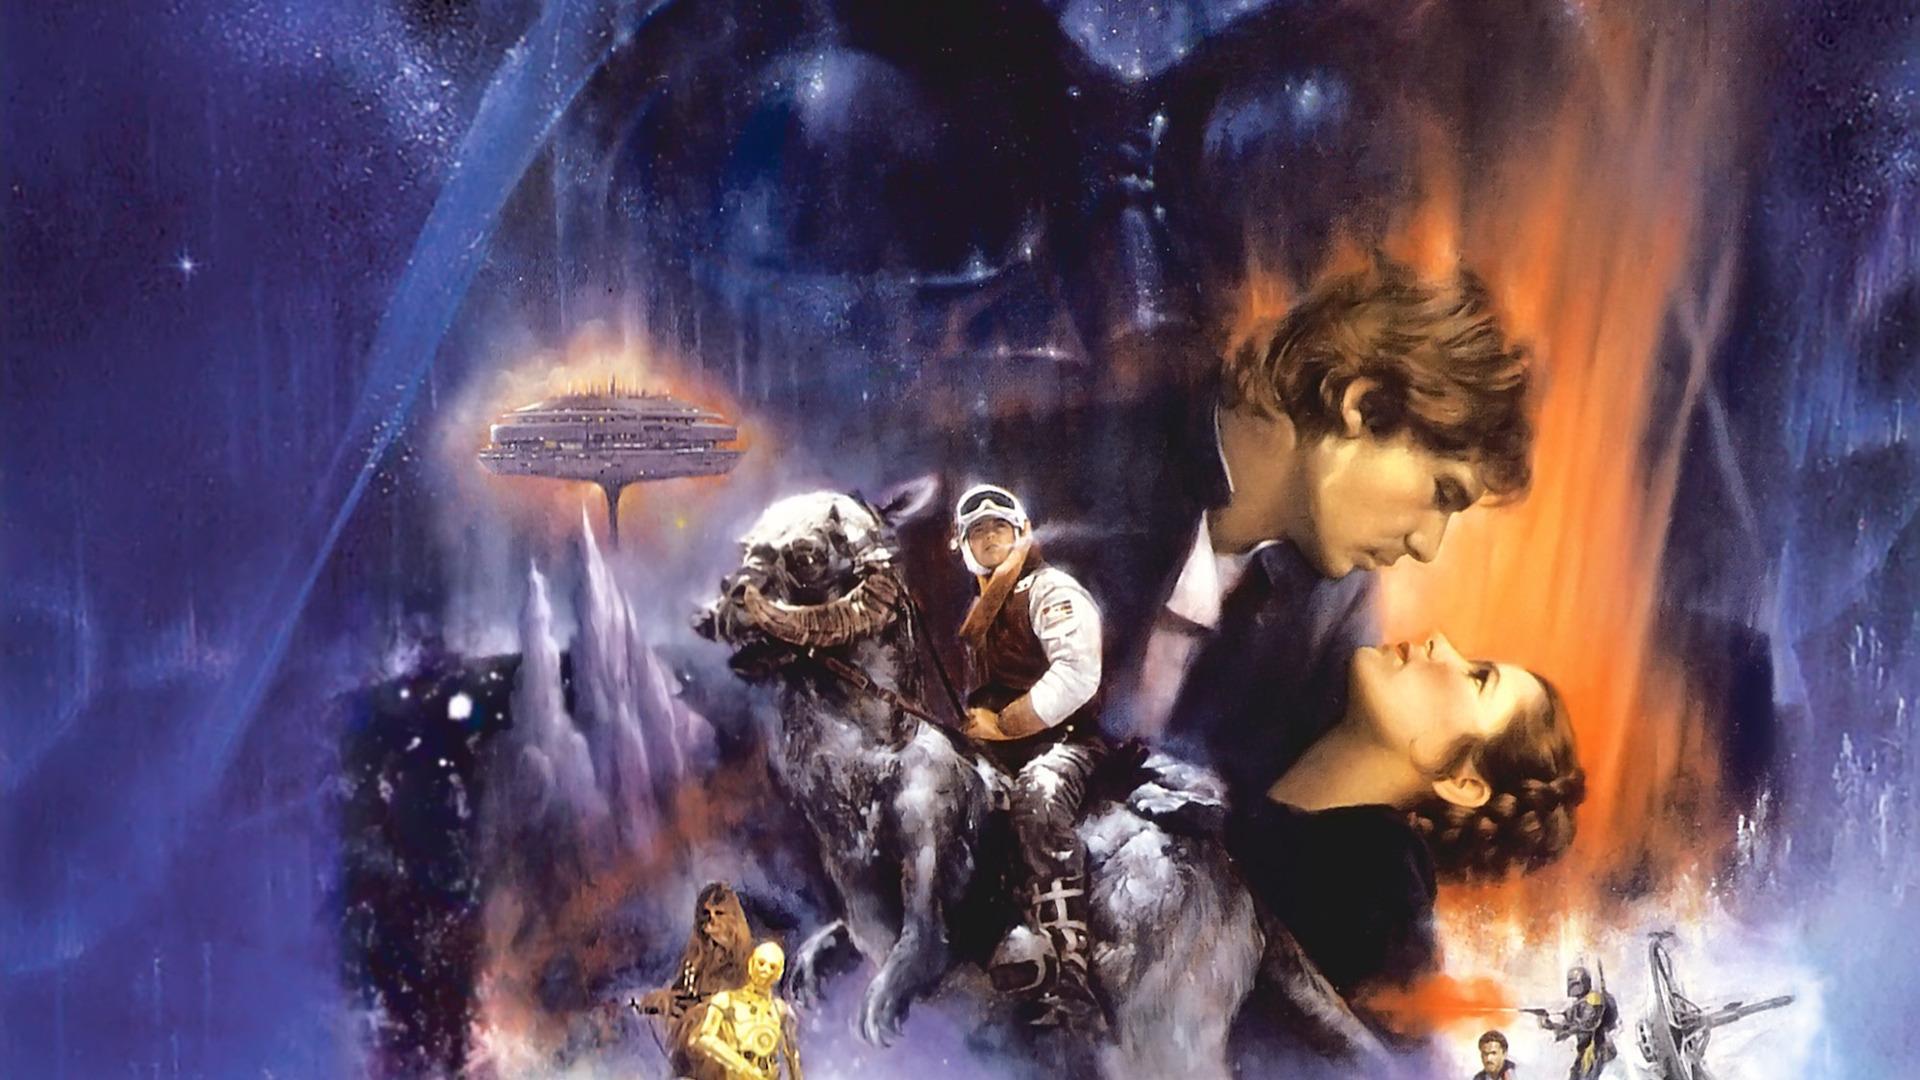 Star Wars Wallpaper 1920x1080 Star Wars Movies Poster Luke 1920x1080